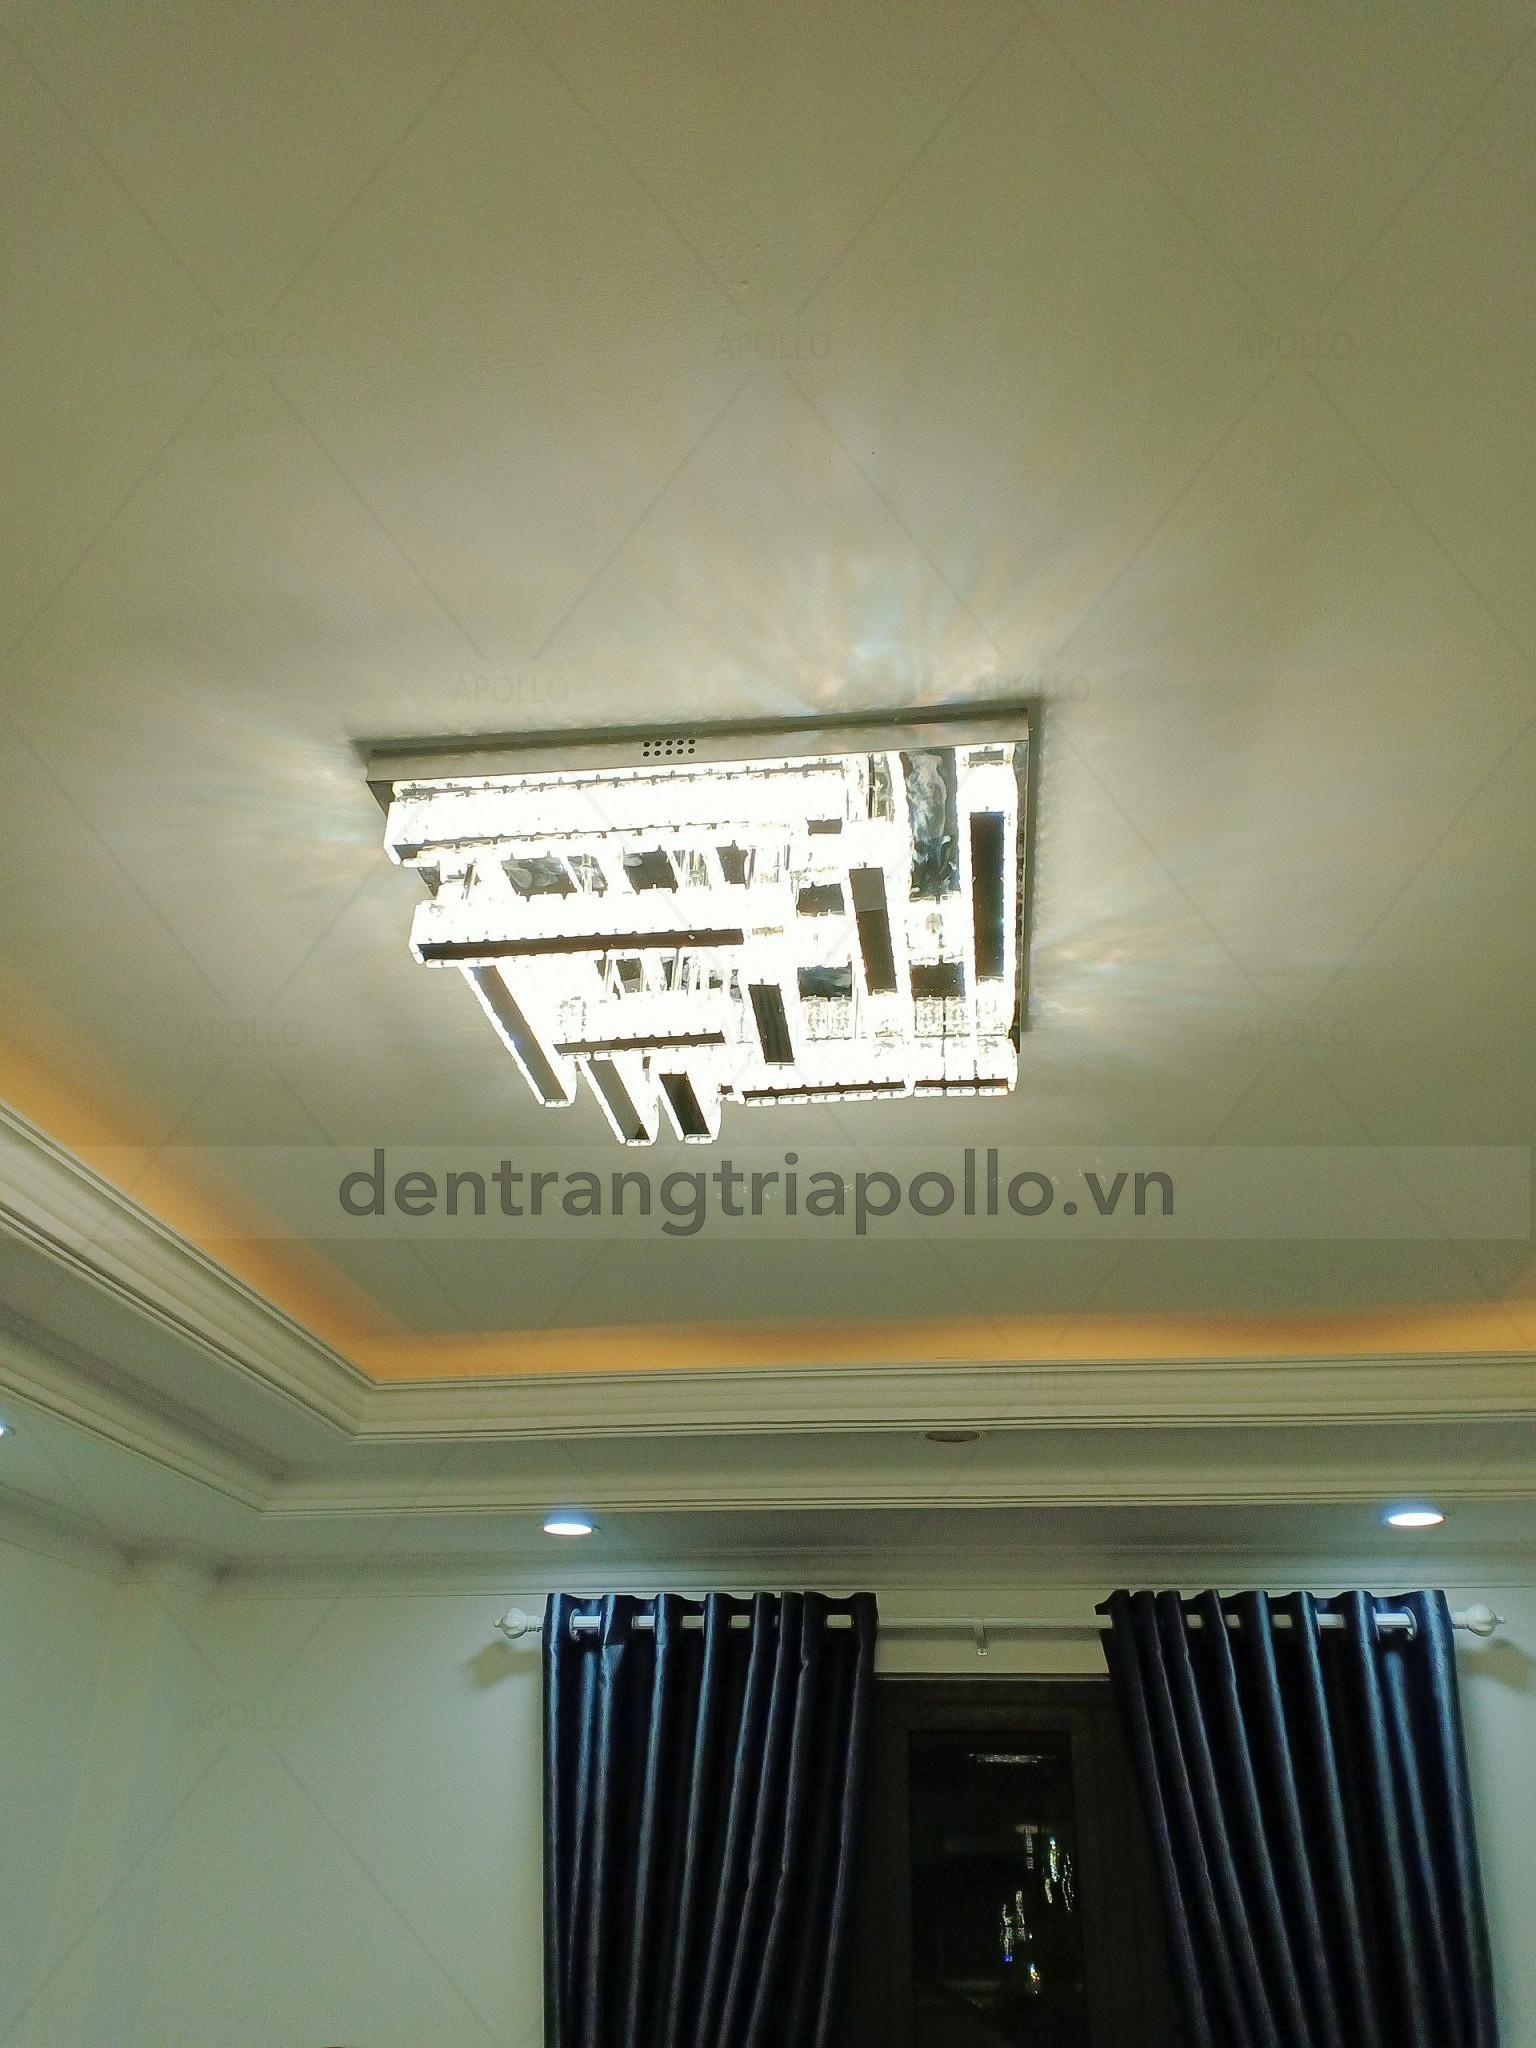 đèn áp trần phe lê căn hộ